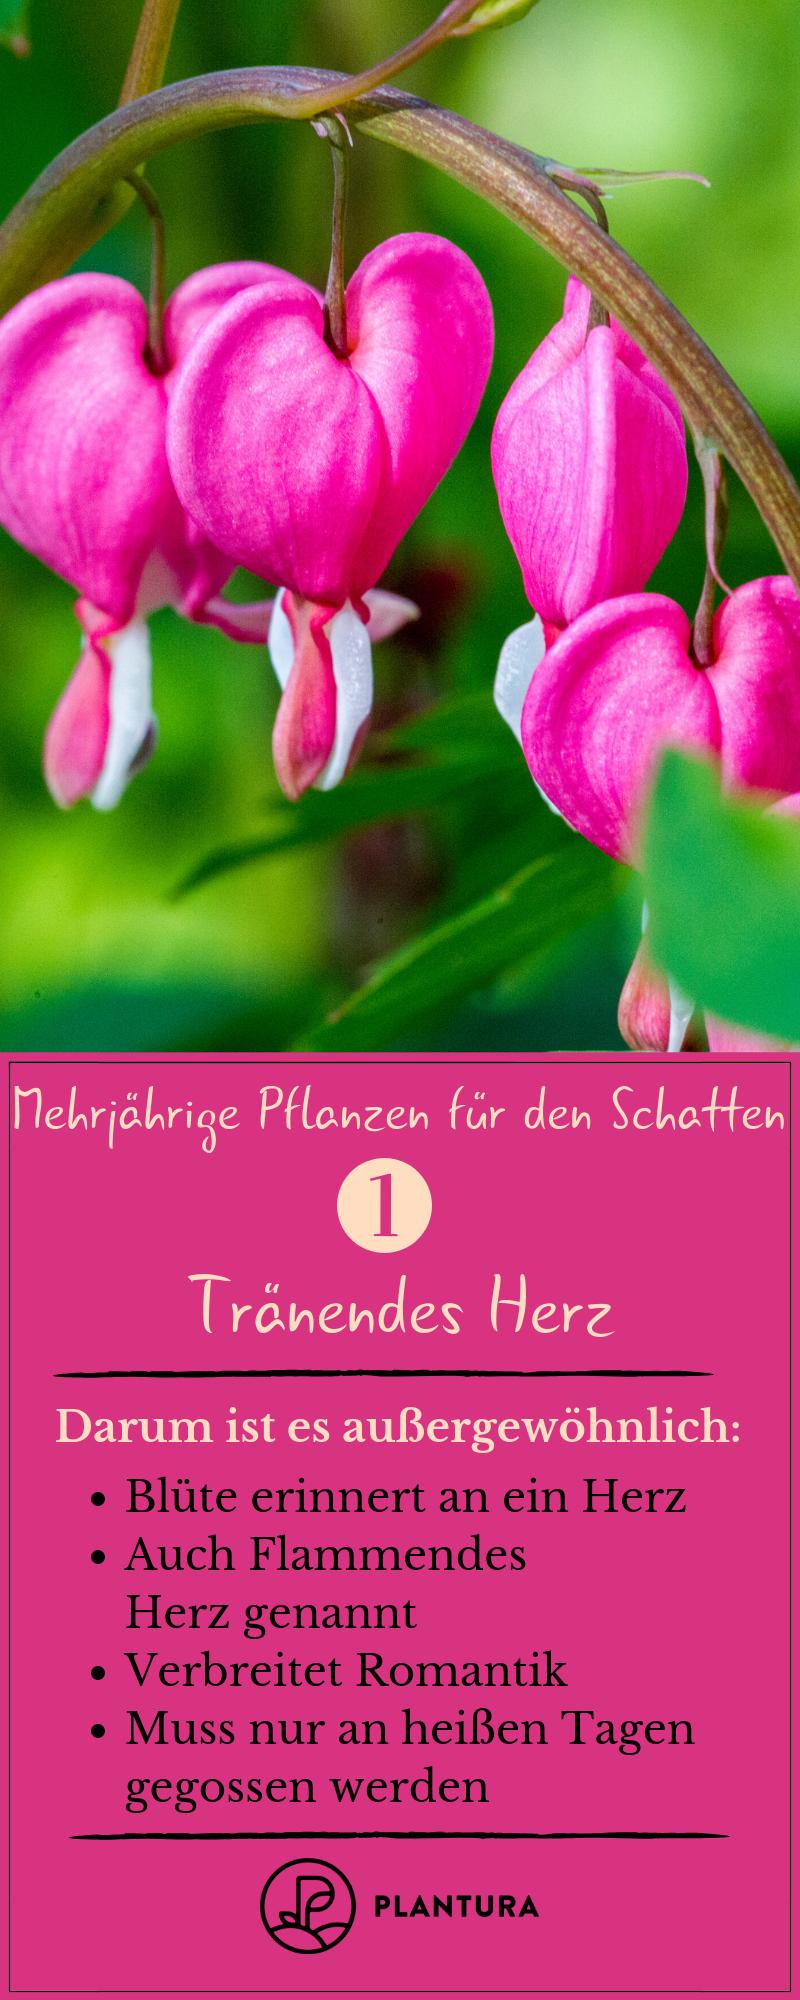 Schattenpflanzen: 16 Pflanzen für den Schatten in Ihrem Garten - Plantura #orchideenschneiden